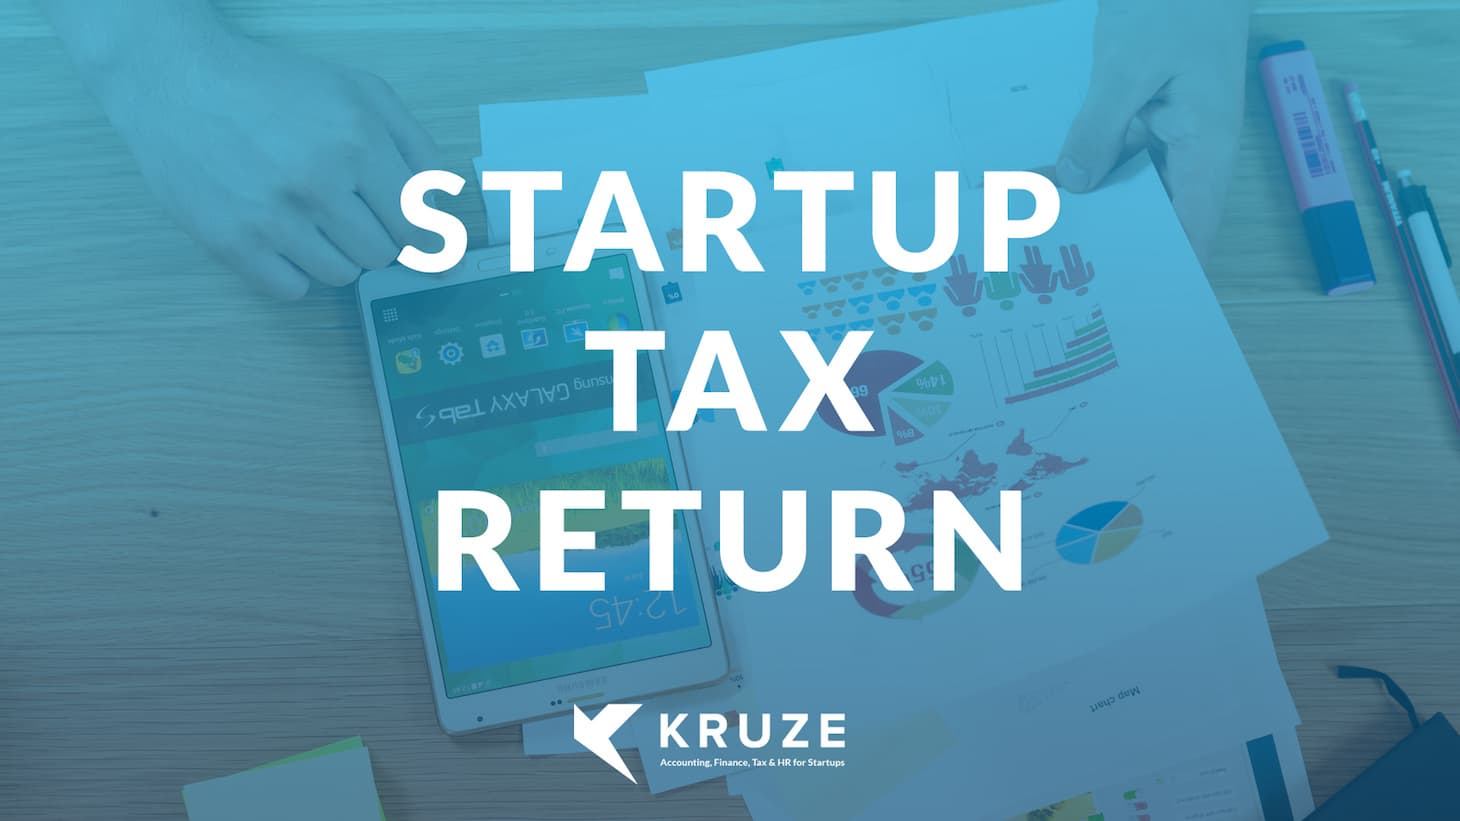 Startup Tax Return